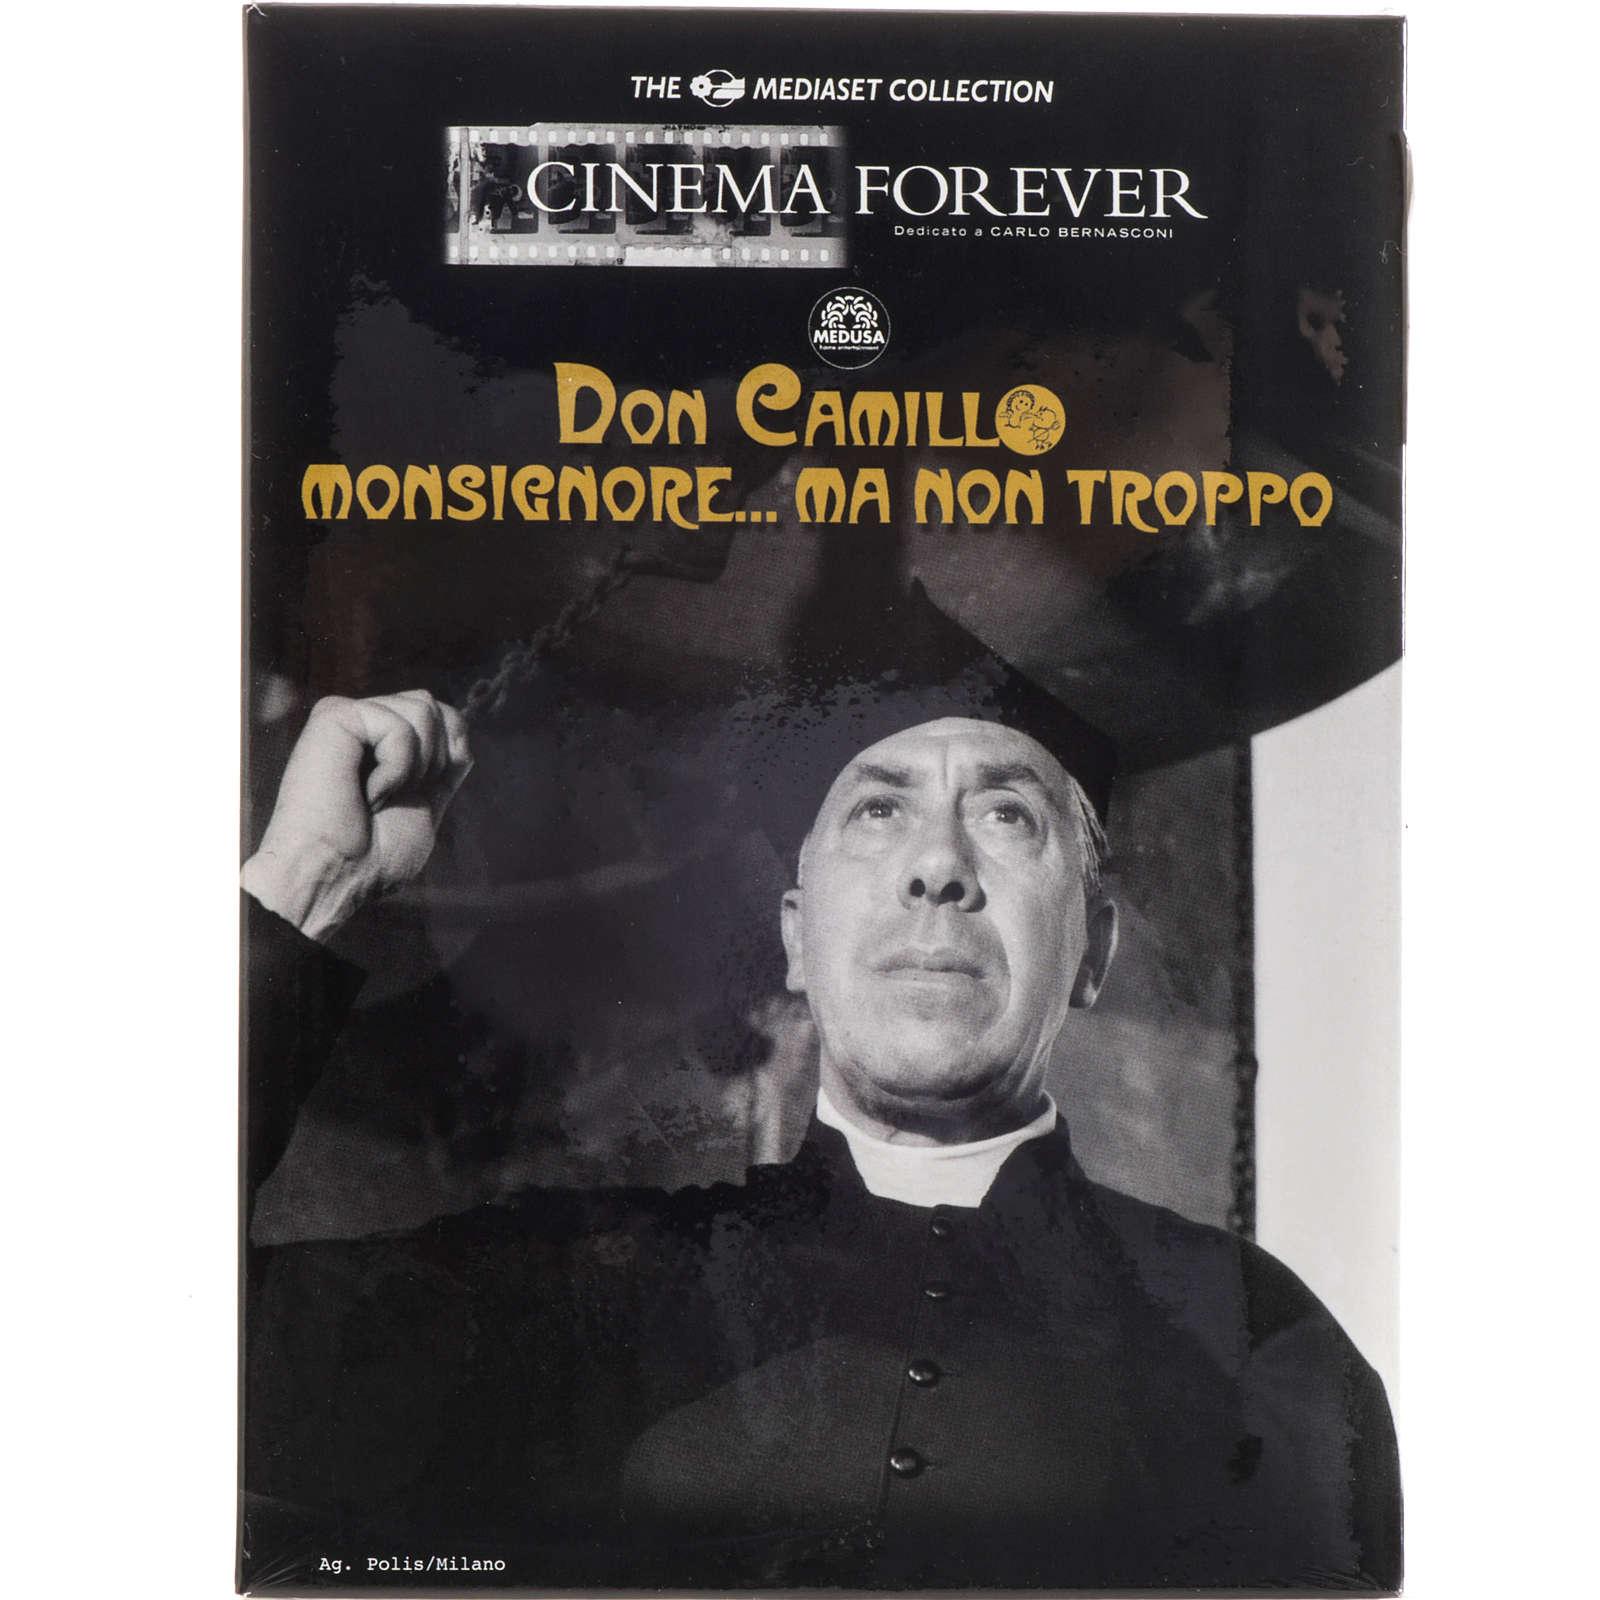 Don Camillo monsignore- ma non troppo 3